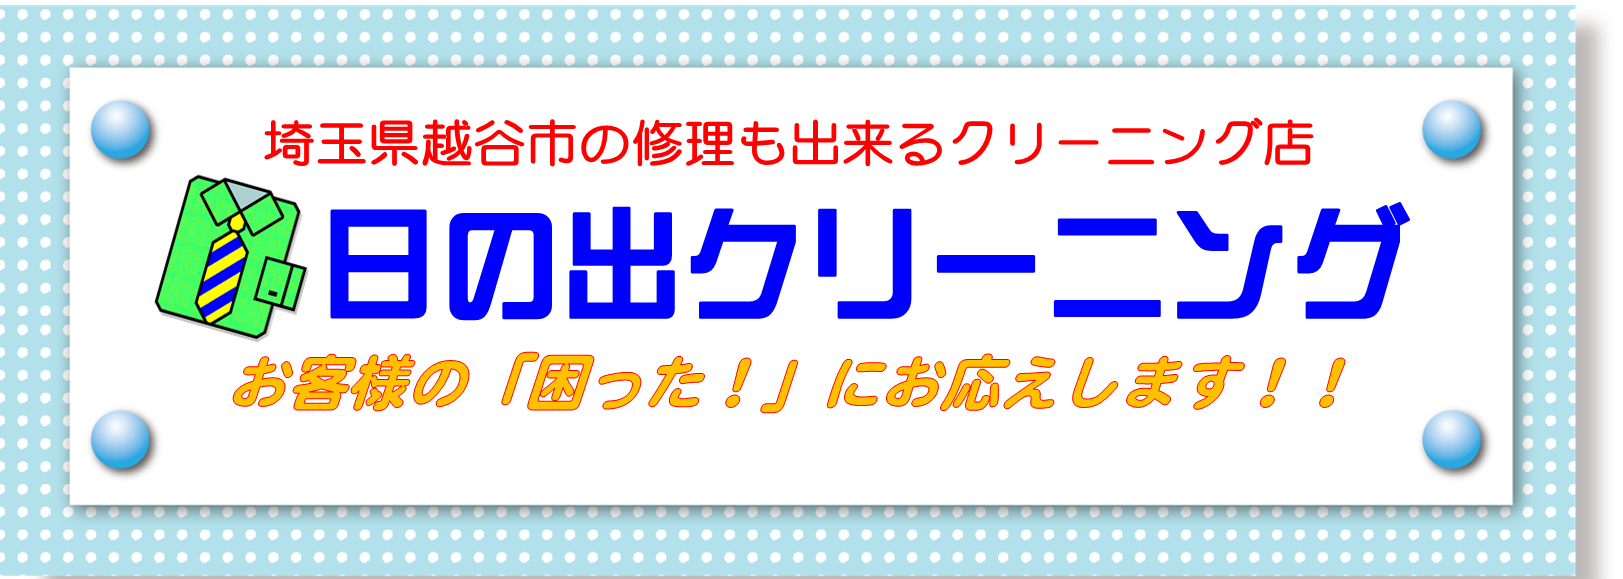 埼玉県越谷市の修理も出来るクリーニング店 日の出クリーニング